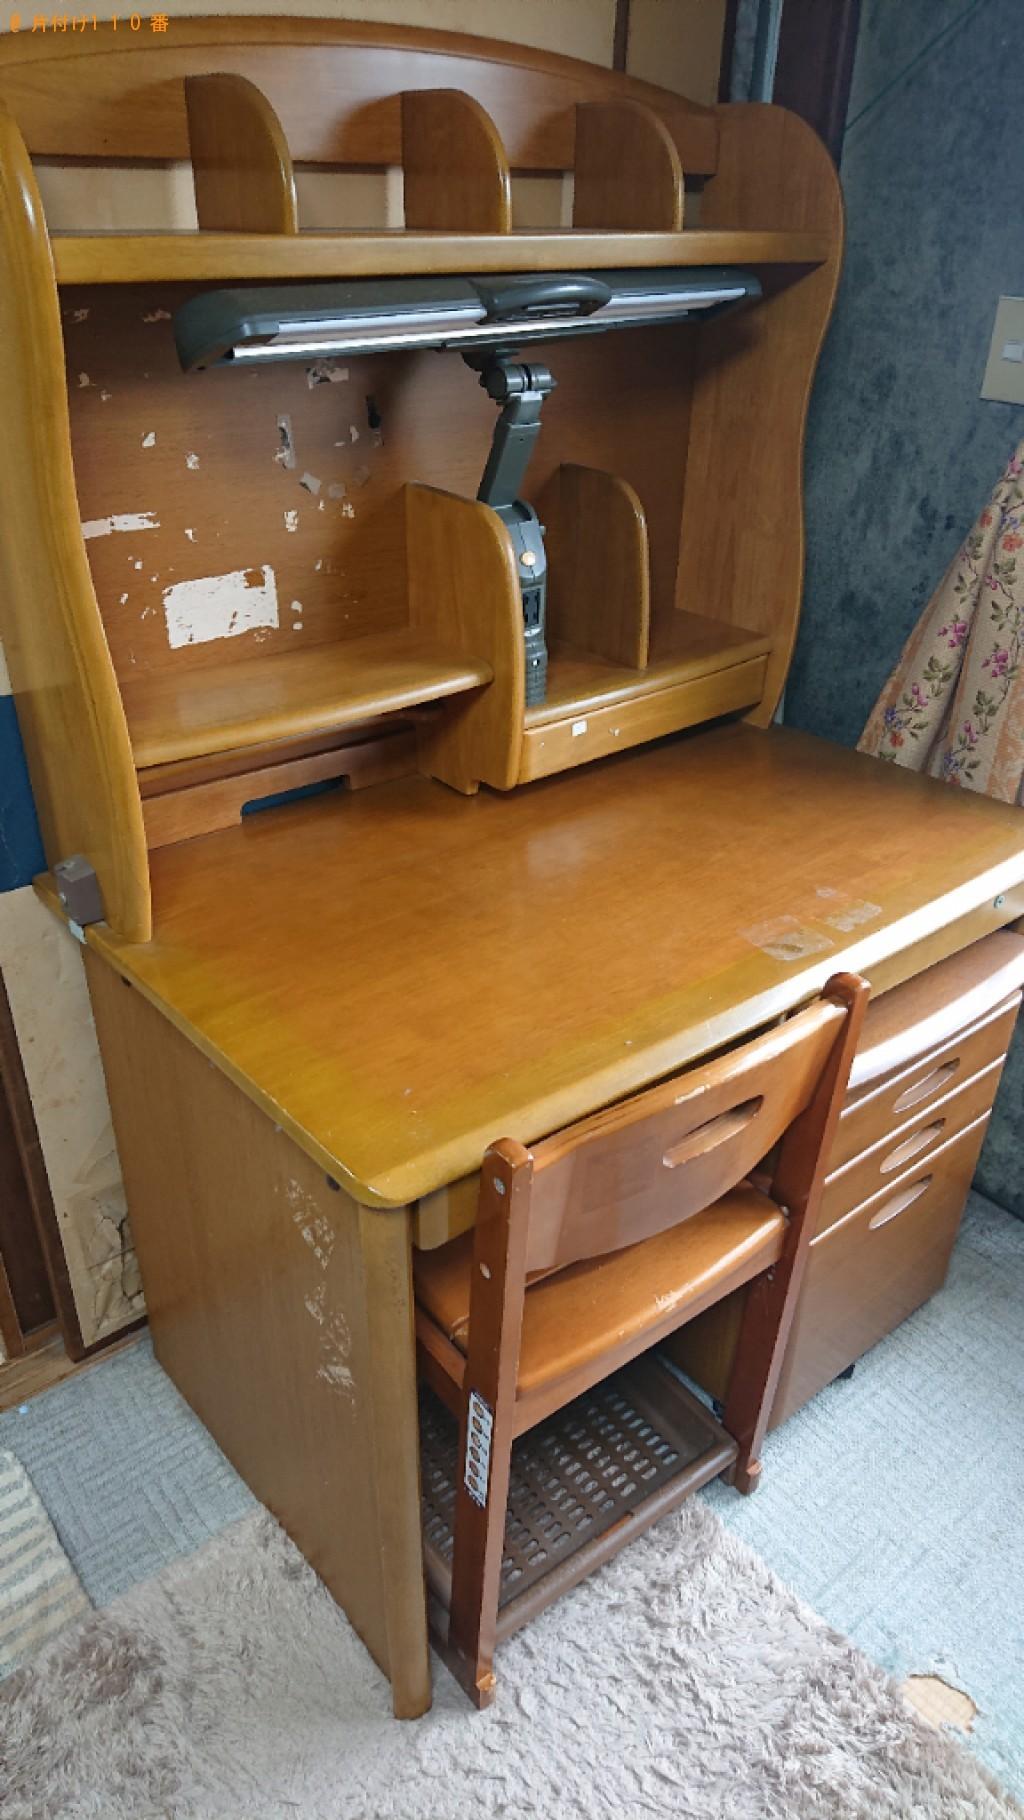 【鳥取市】学習机、椅子の回収・処分ご依頼 お客様の声